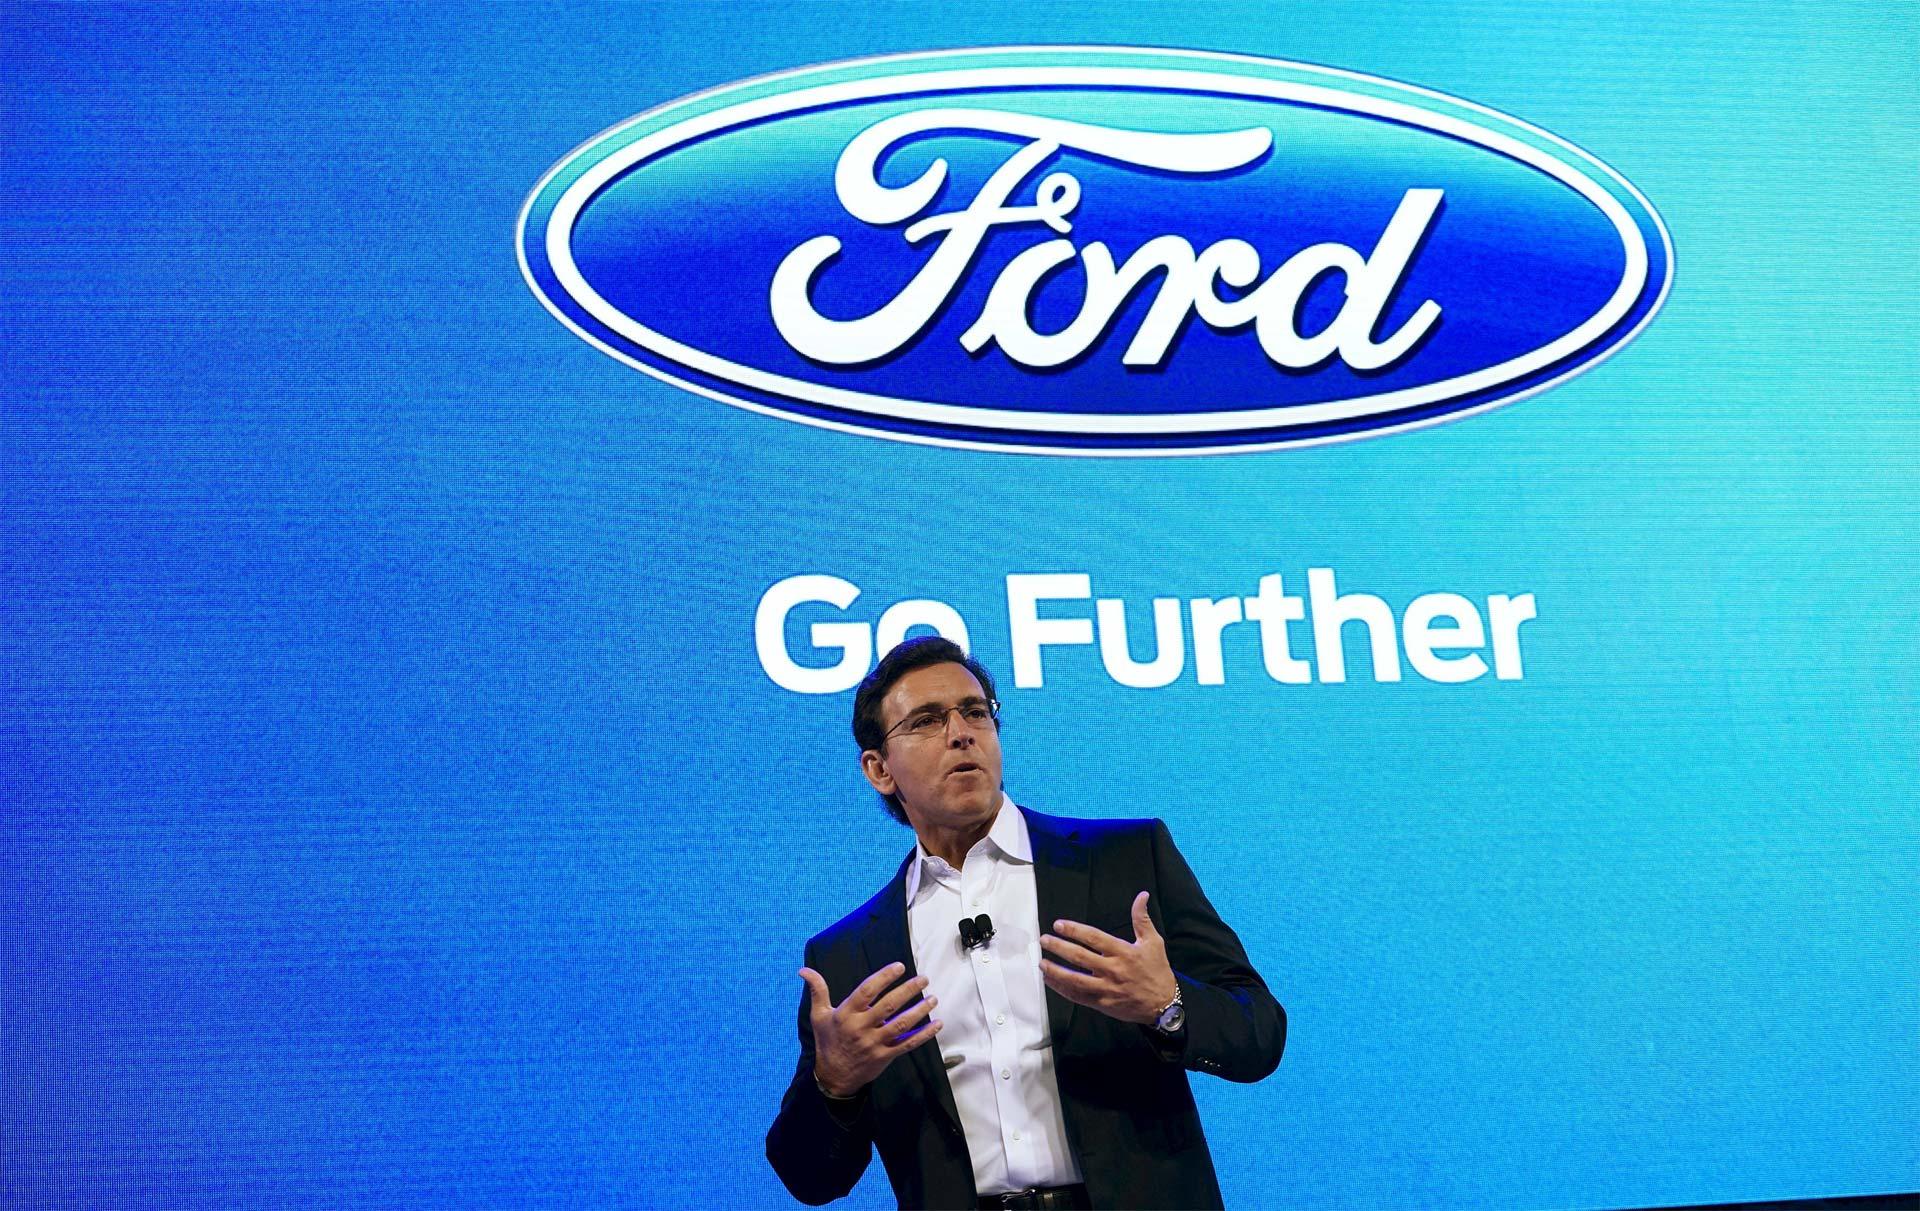 De forma solitaria, continúa desarrollando su proyecto Fusion. Su flota aumentará de diez a 30 carros